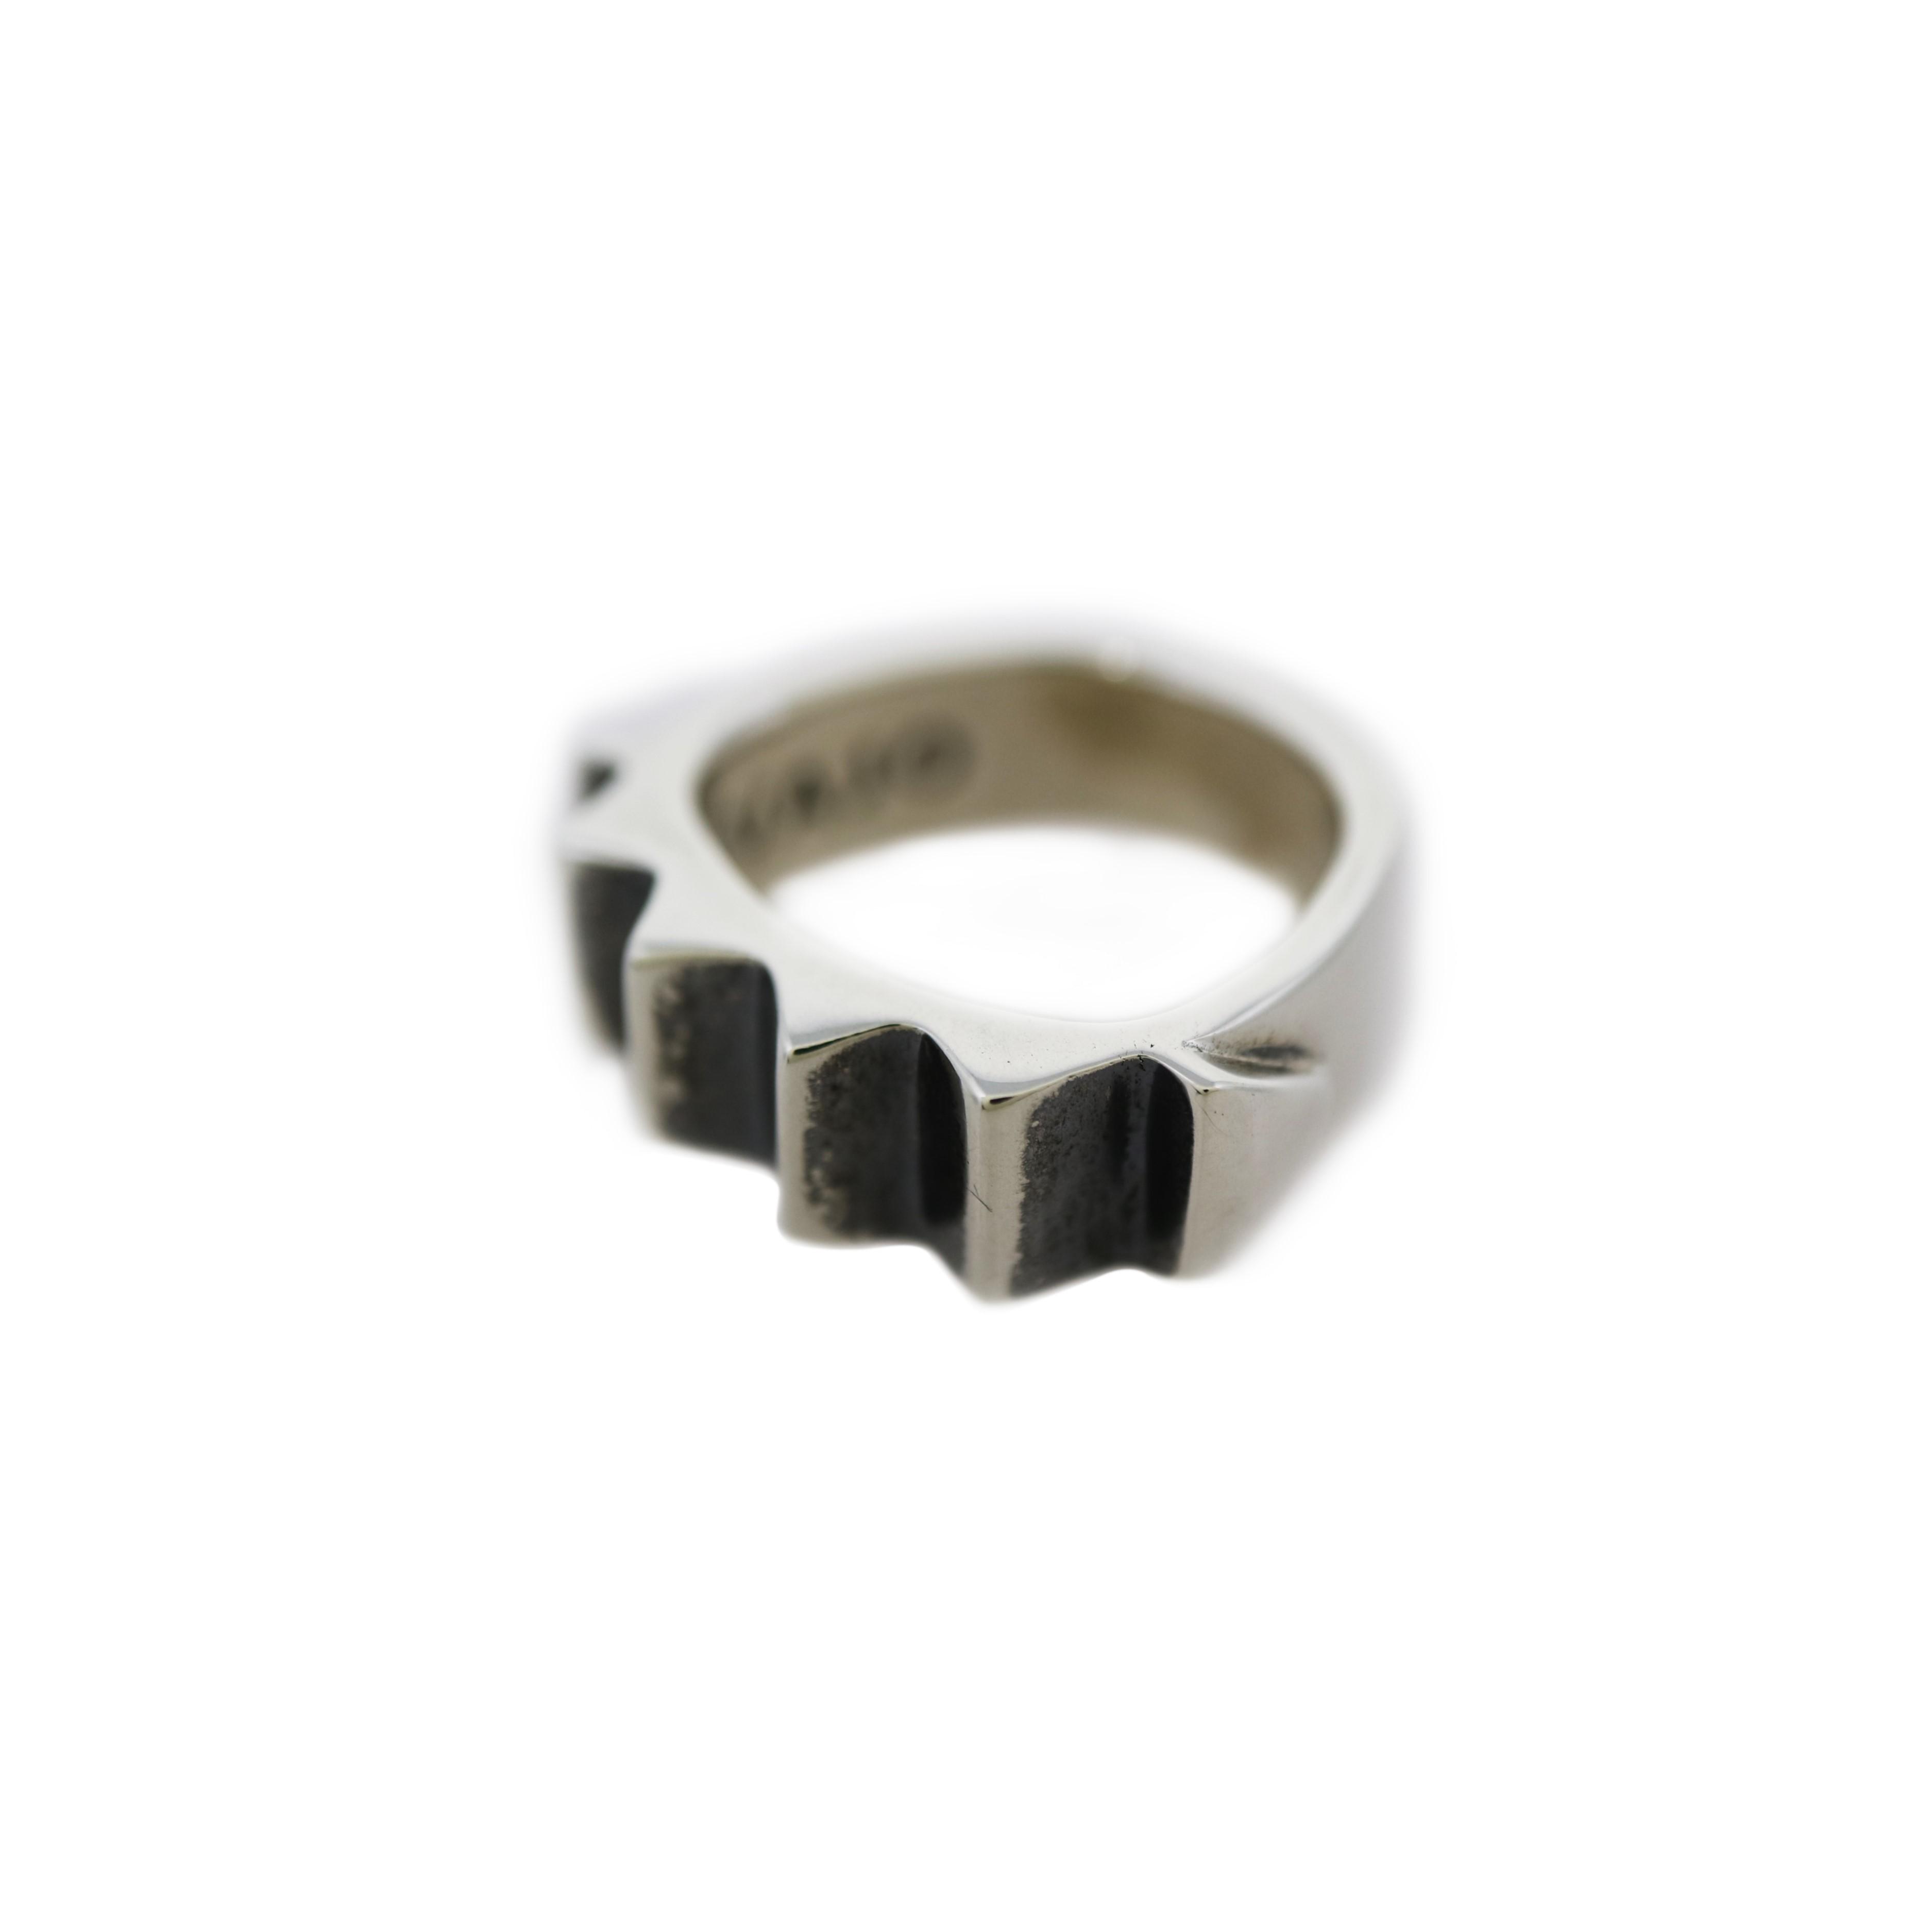 CLEAN V GEAR RING [USD $730]